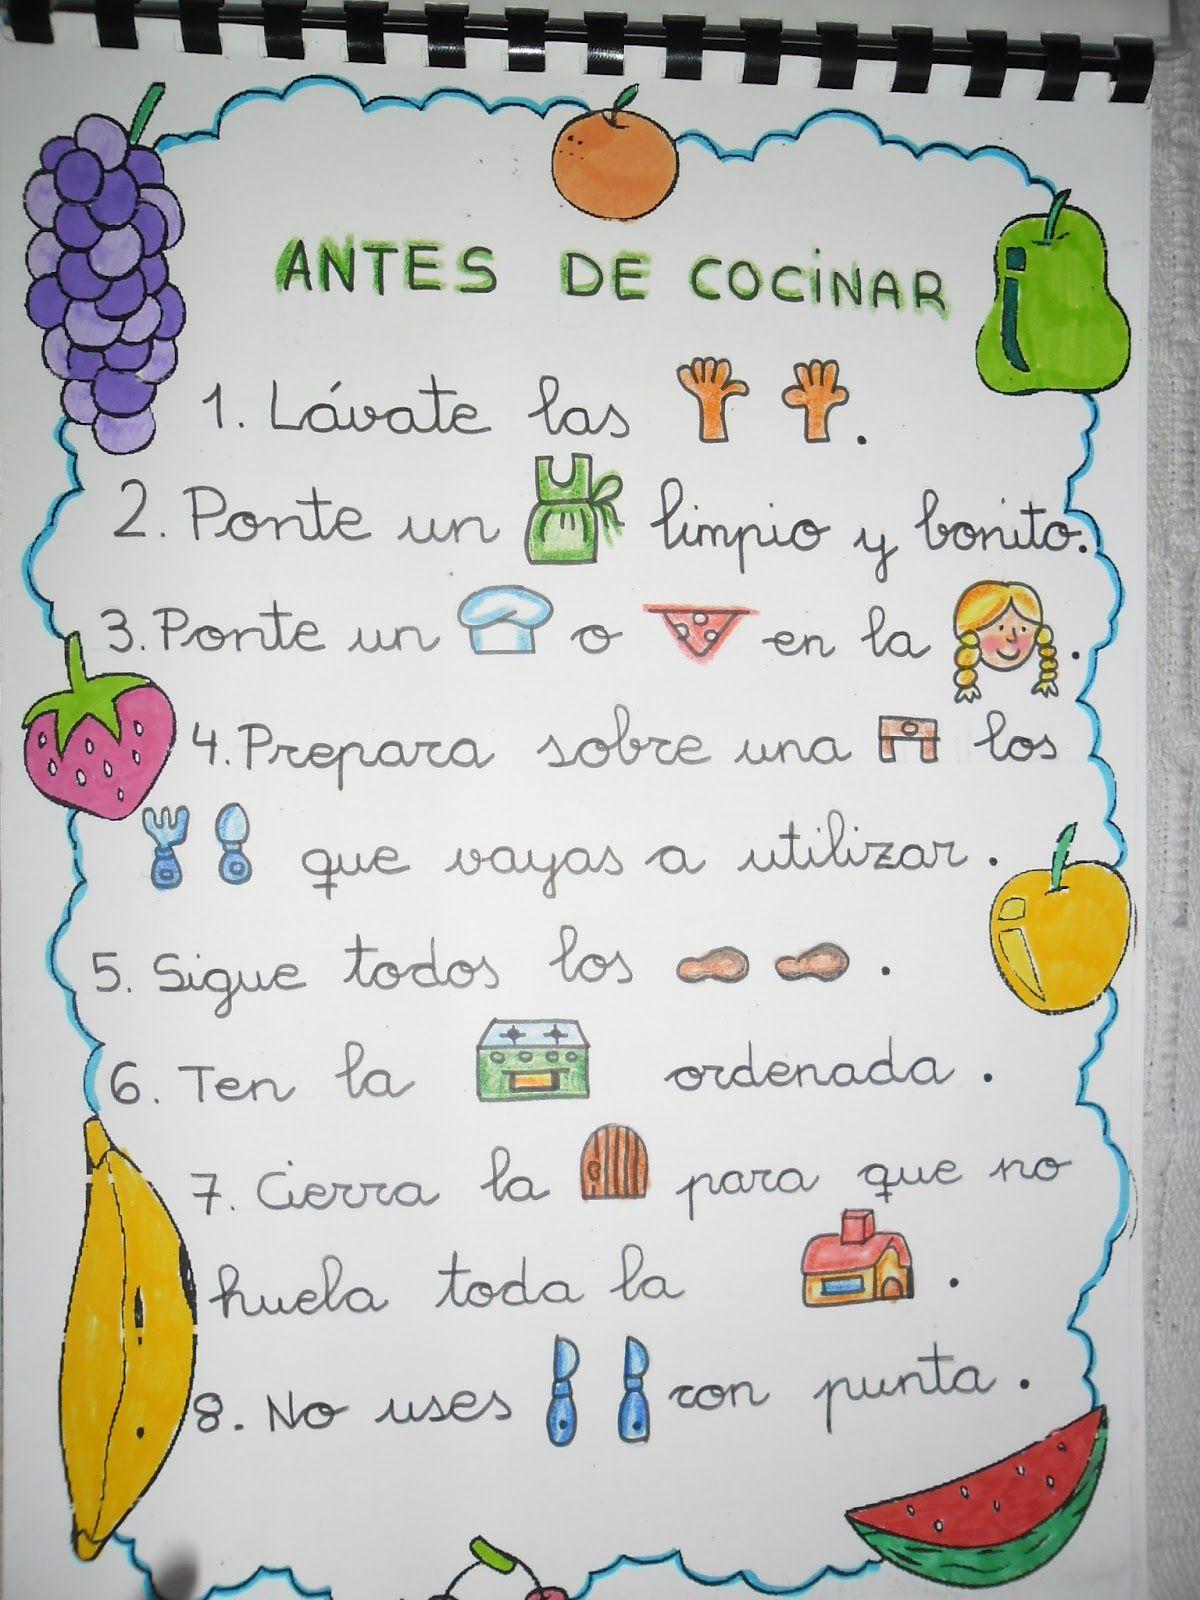 Resultado de imaxes para receta de cocina con pictogramas - Recets de cocina ...